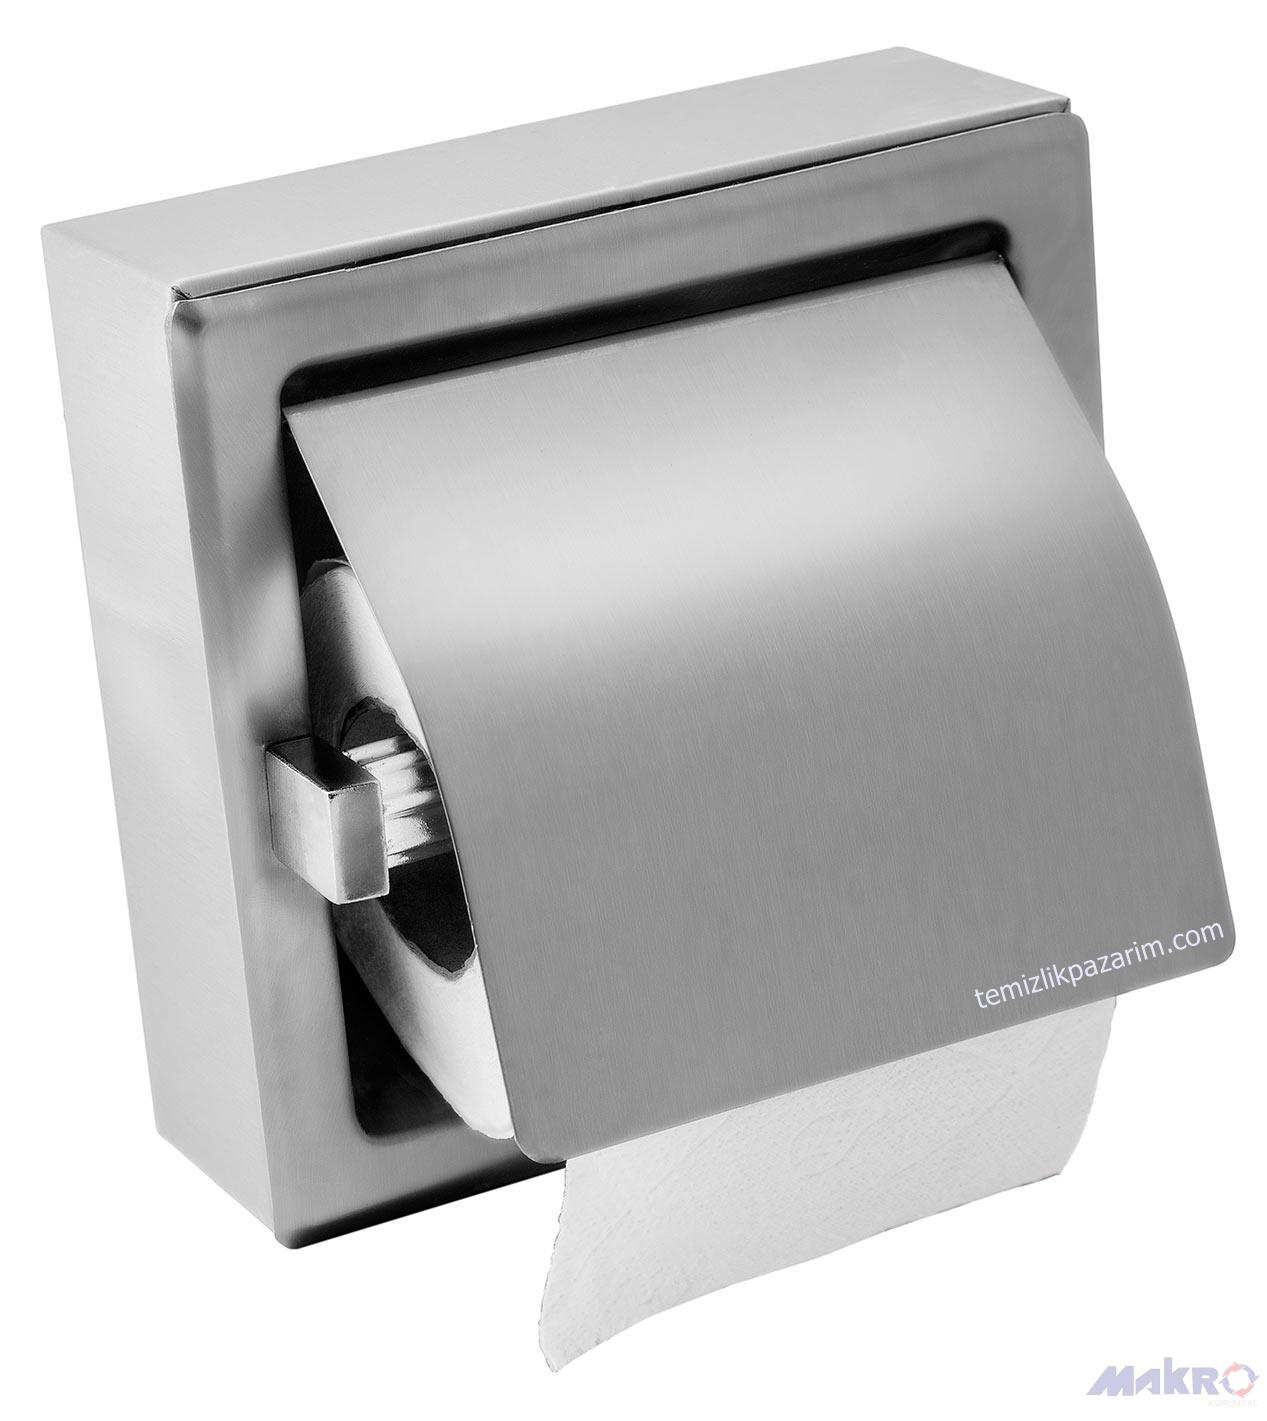 Paslanmaz-tuvalet-kagidi-aparati